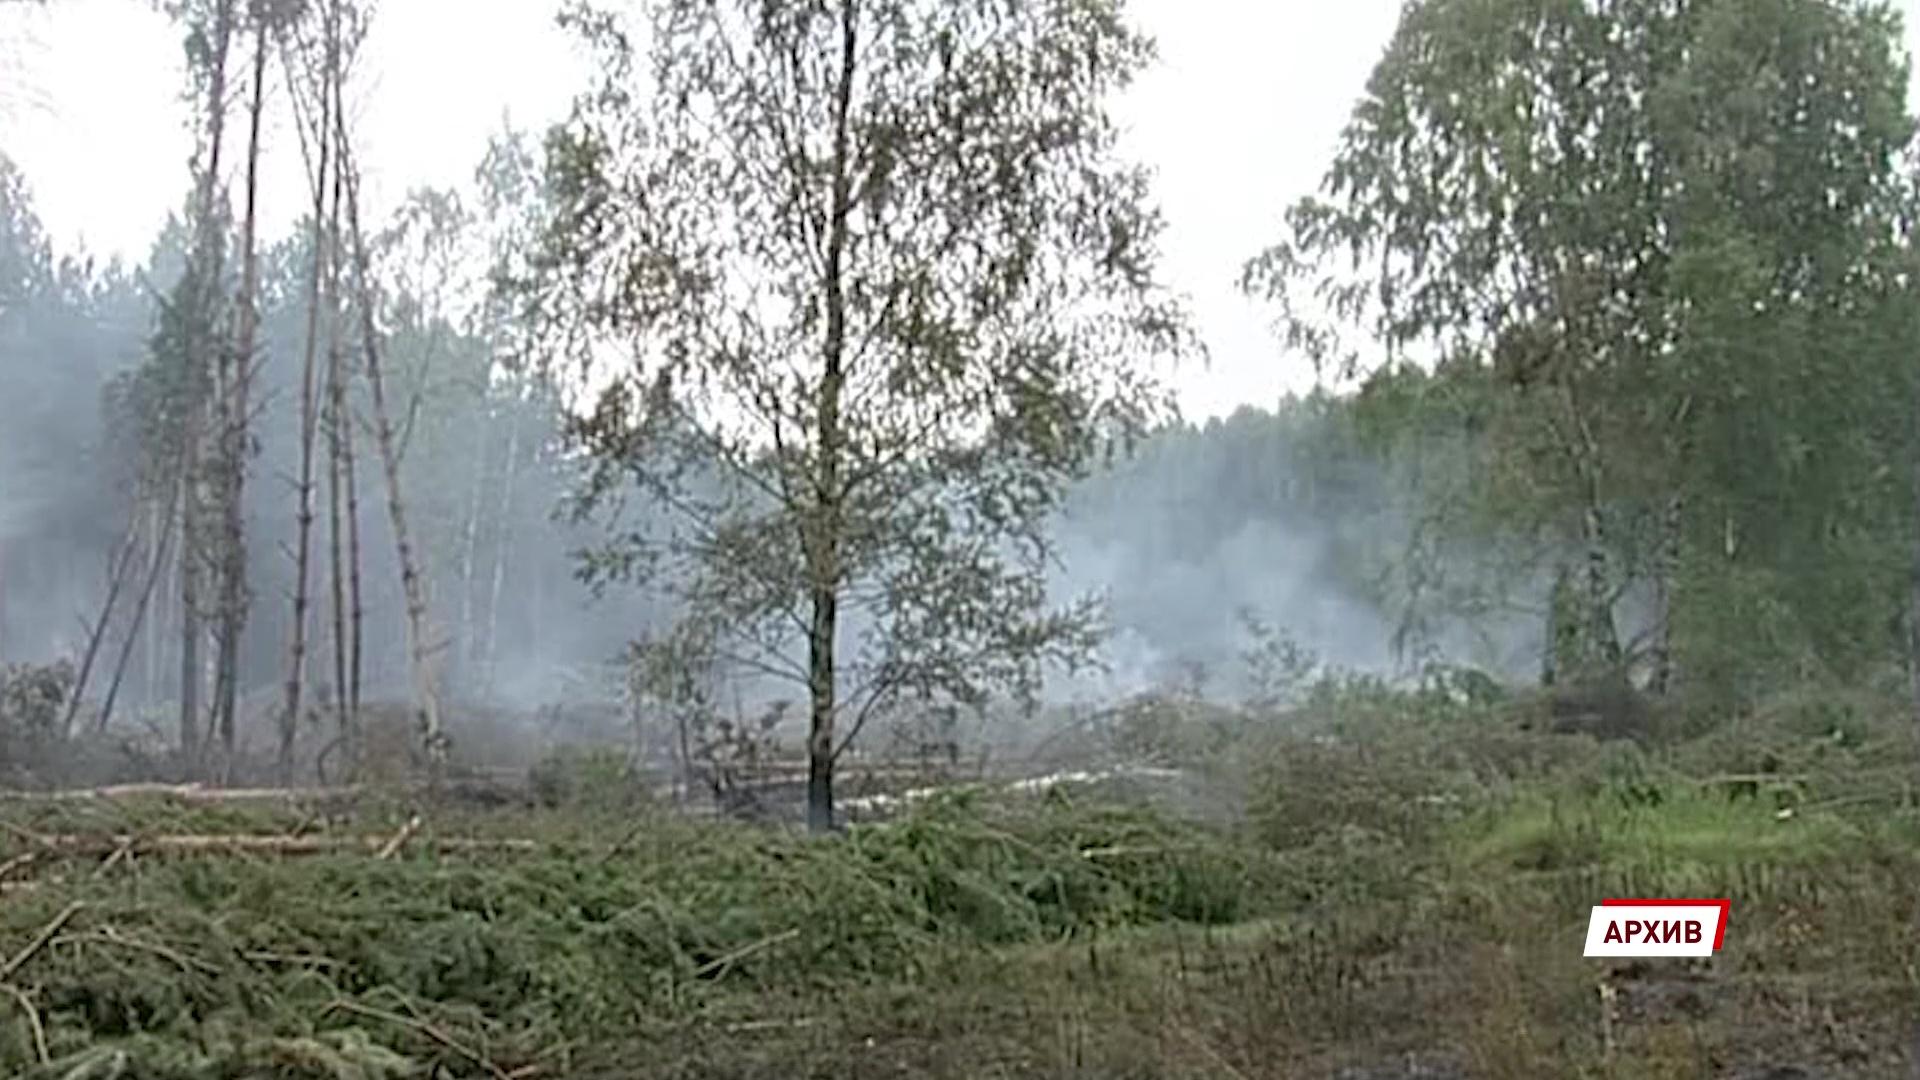 Из-за аномально теплой зимы в регионе готовятся к сложному пожароопасному сезону